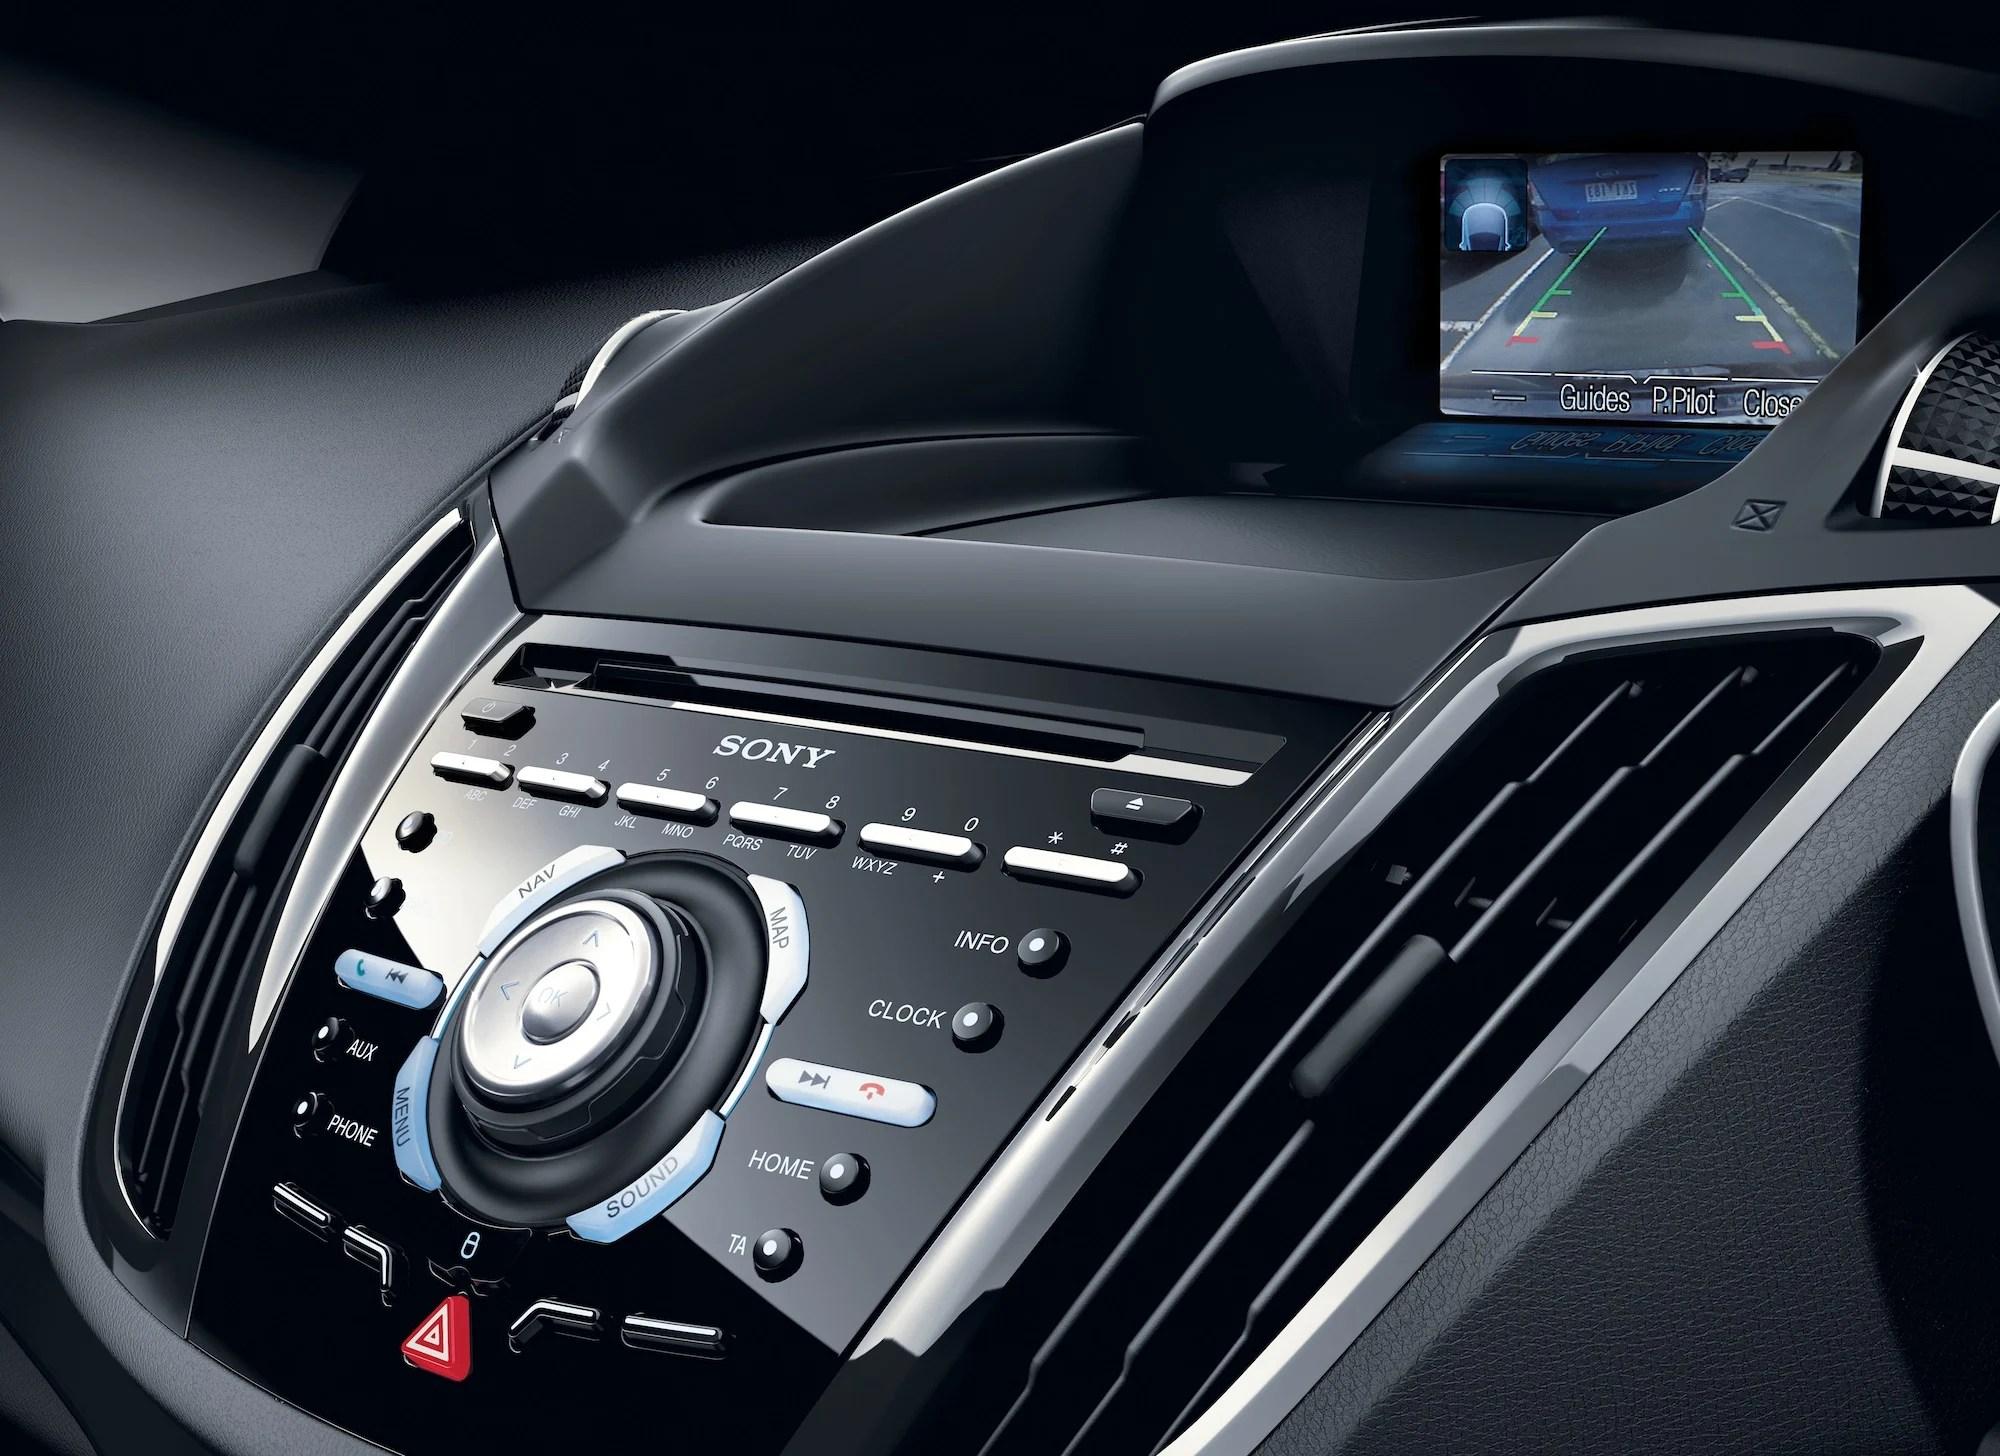 2013 Ford Kuga Review Photos CarAdvice